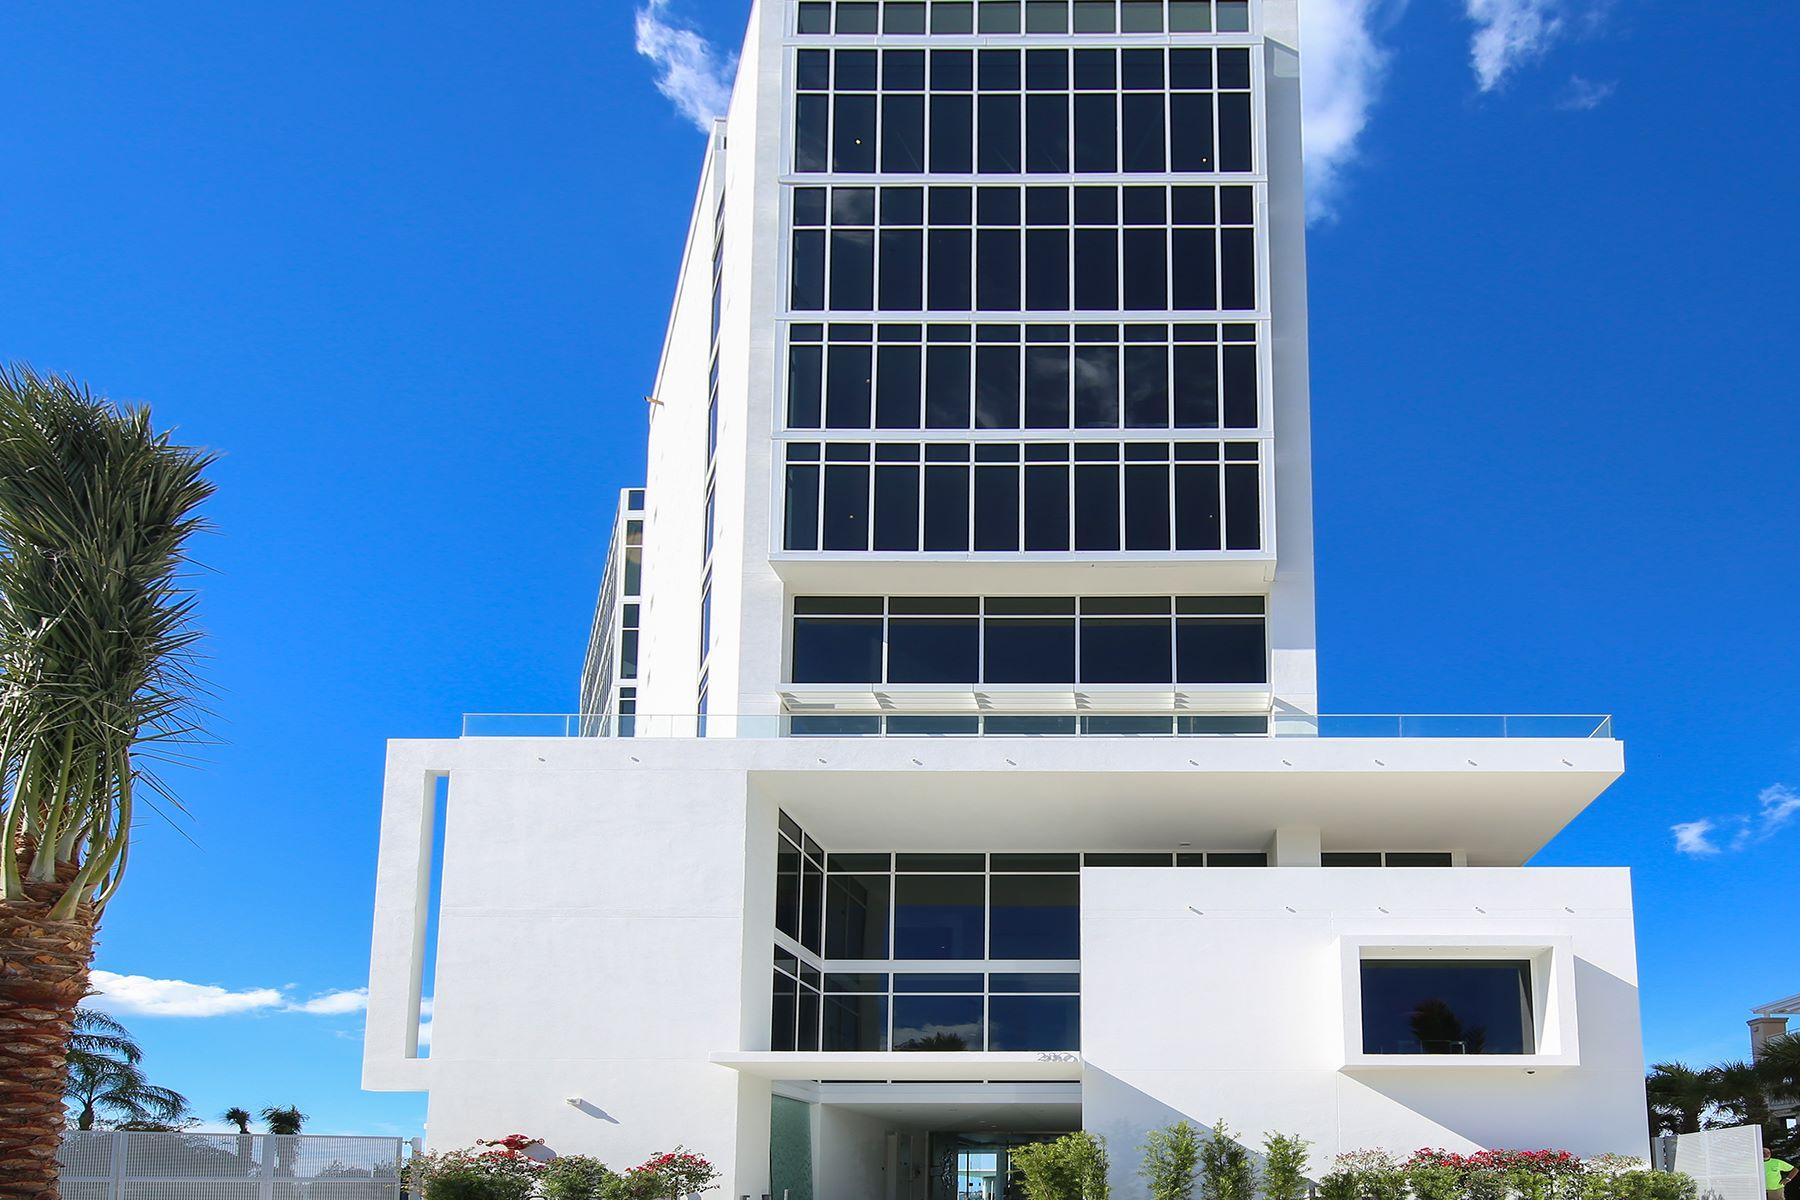 Condominium for Sale at AQUA 280 Golden Gate Pt Grand Resid Sarasota, Florida 34236 United States